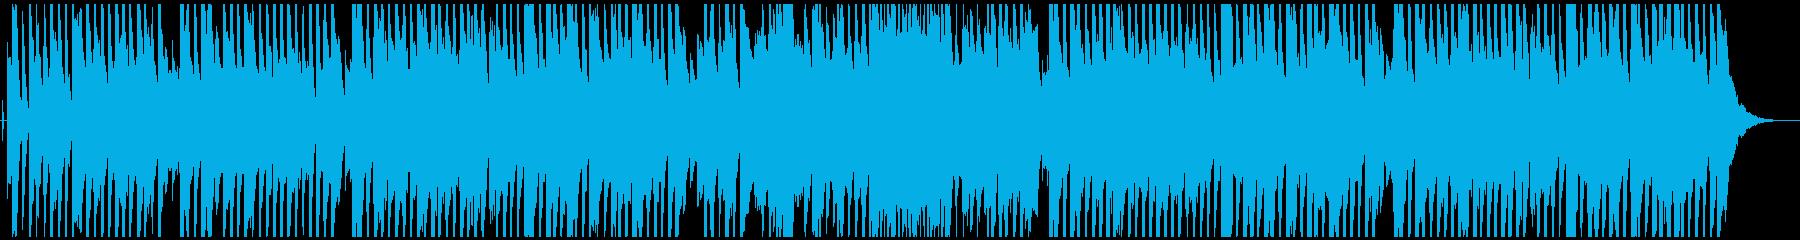 リズミックで可愛い雰囲気のBGMの再生済みの波形